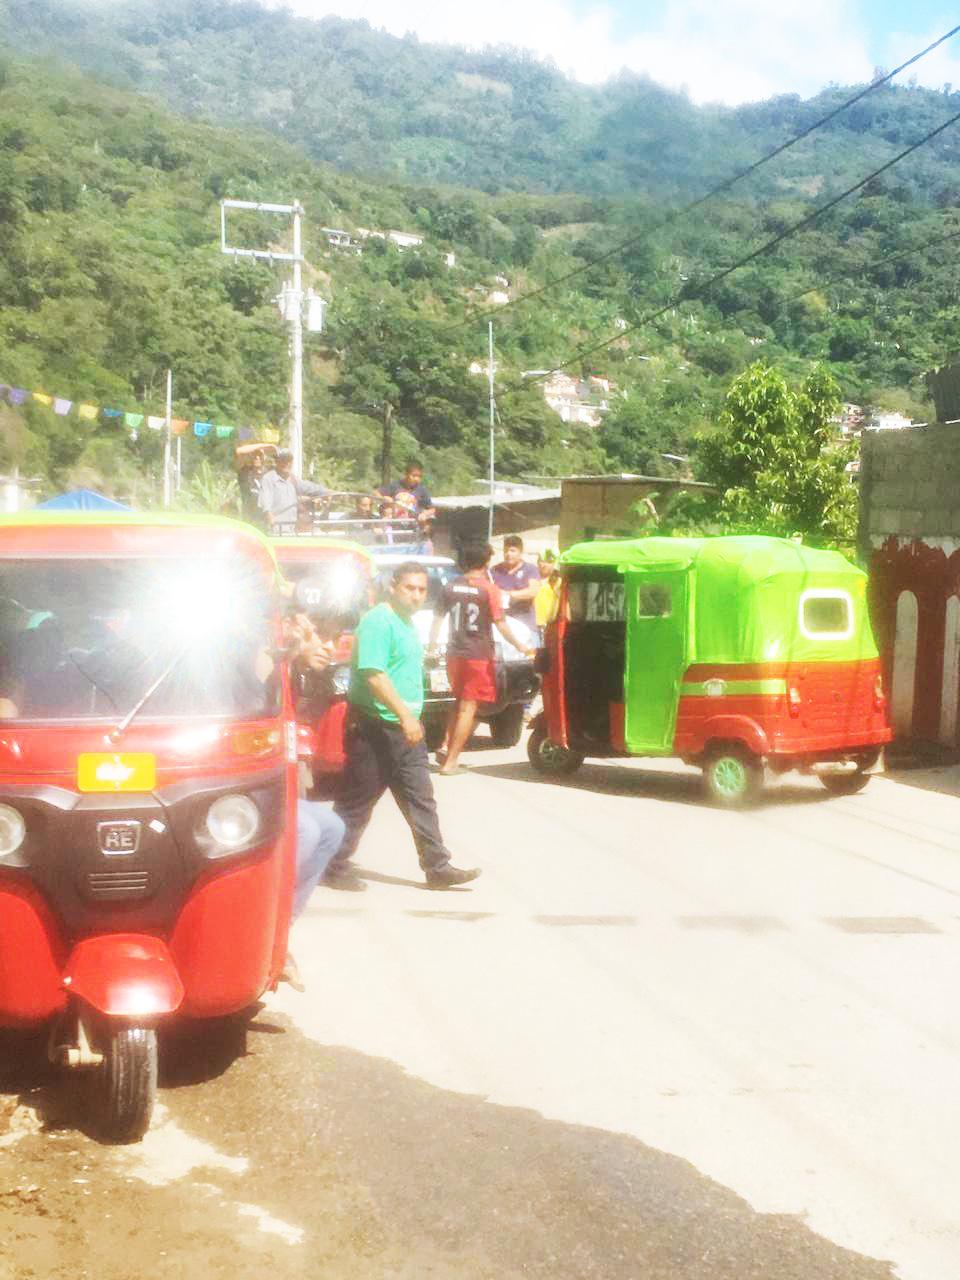 En el Bosque, se crea conflicto entre moto taxistas por presuntos arreglos e intereses